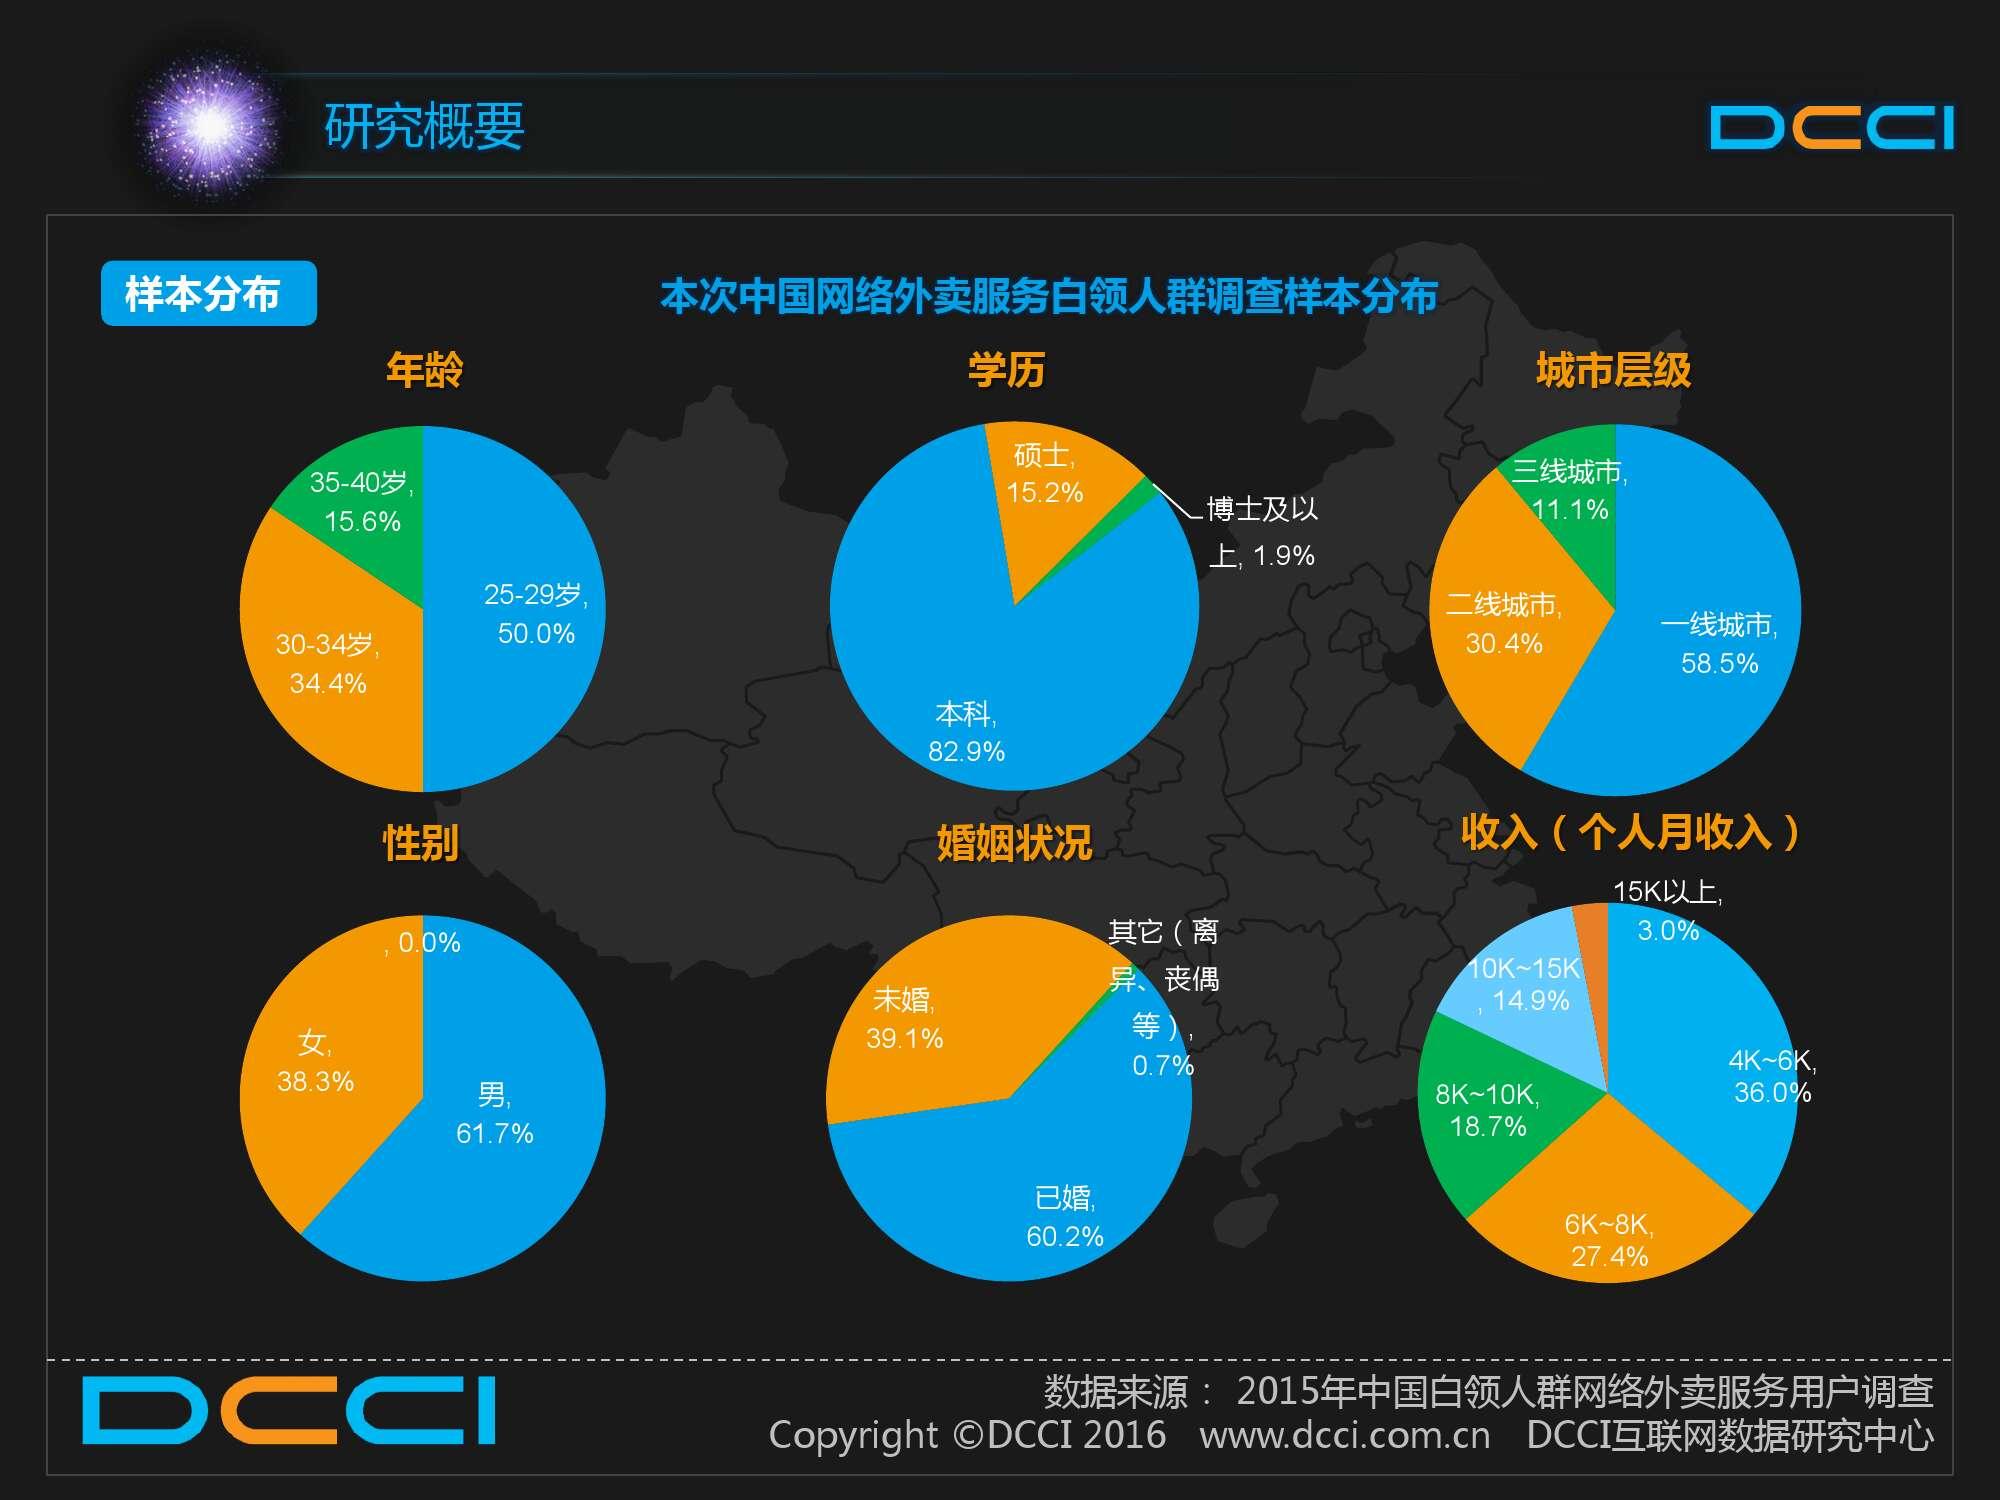 2015中国白领人群网络外卖服务研究报告_000006